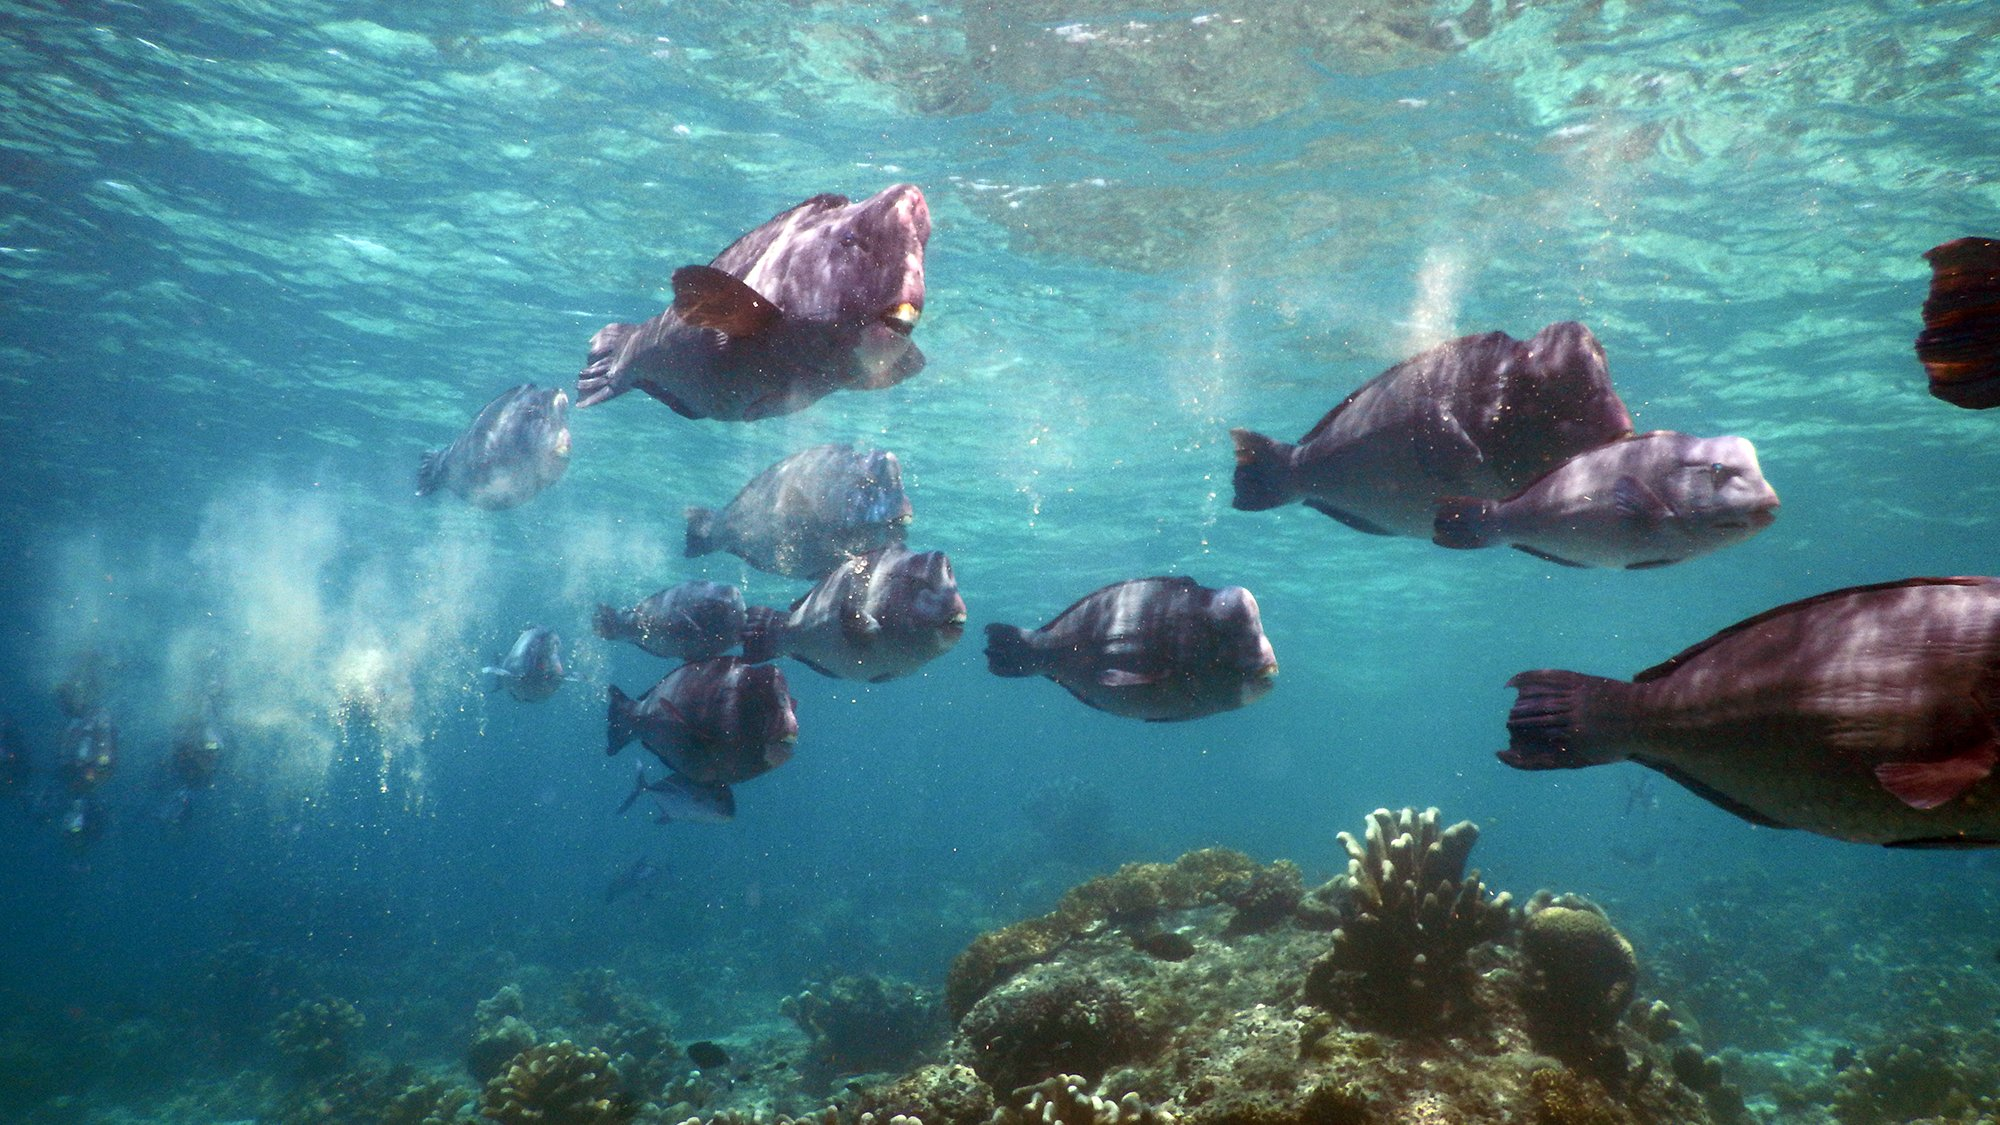 诗巴丹潜水天堂,邂逅鲨鱼、杰克风暴、龟墓、沉船……